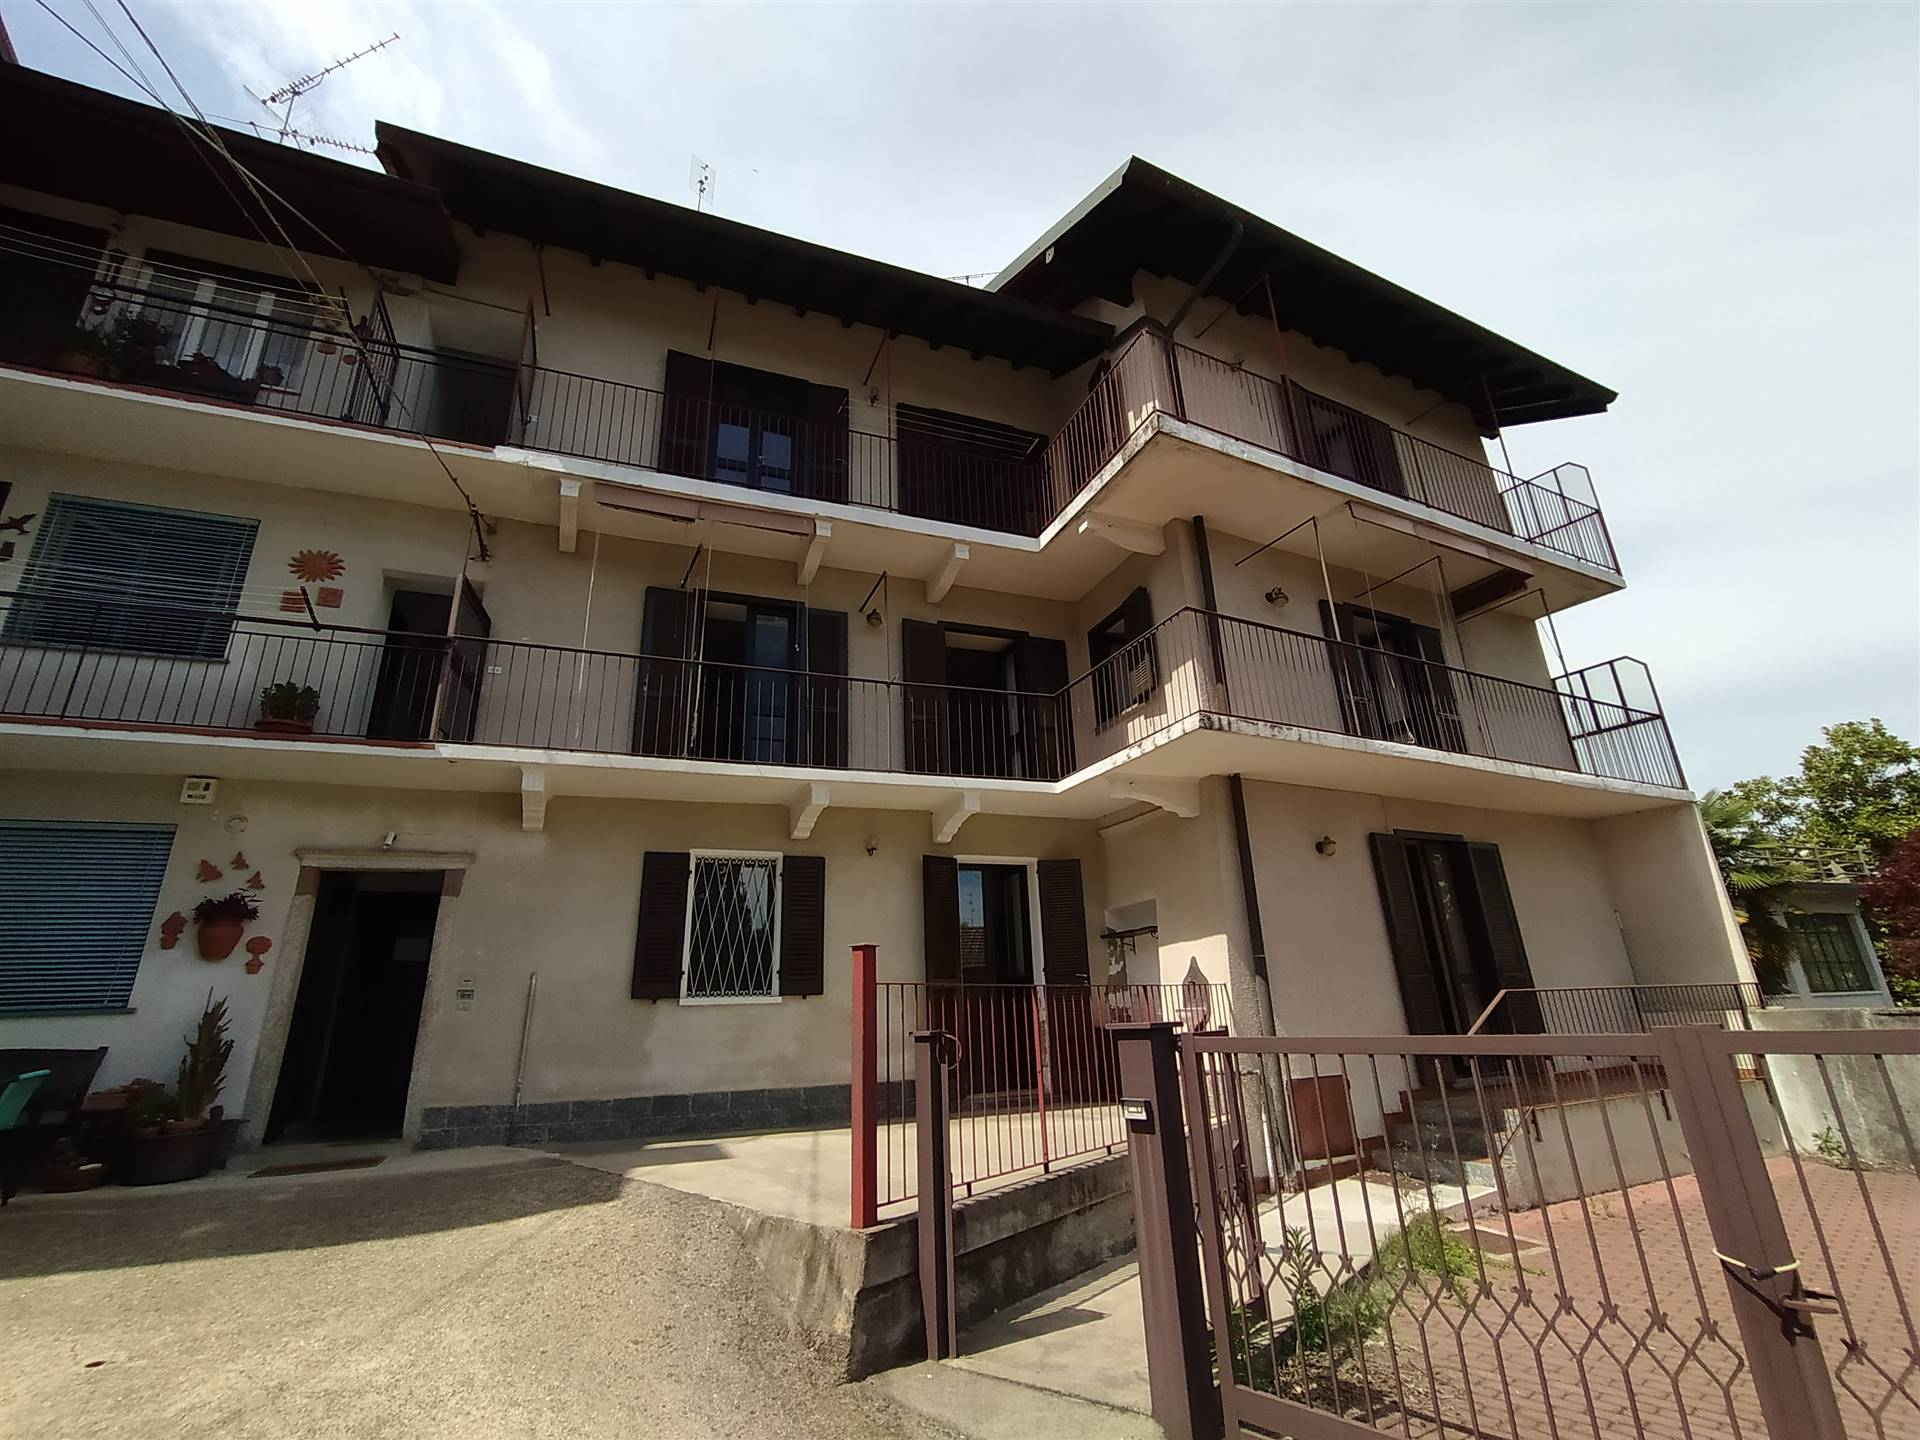 Appartamento in vendita a Invorio, 3 locali, prezzo € 89.000 | PortaleAgenzieImmobiliari.it